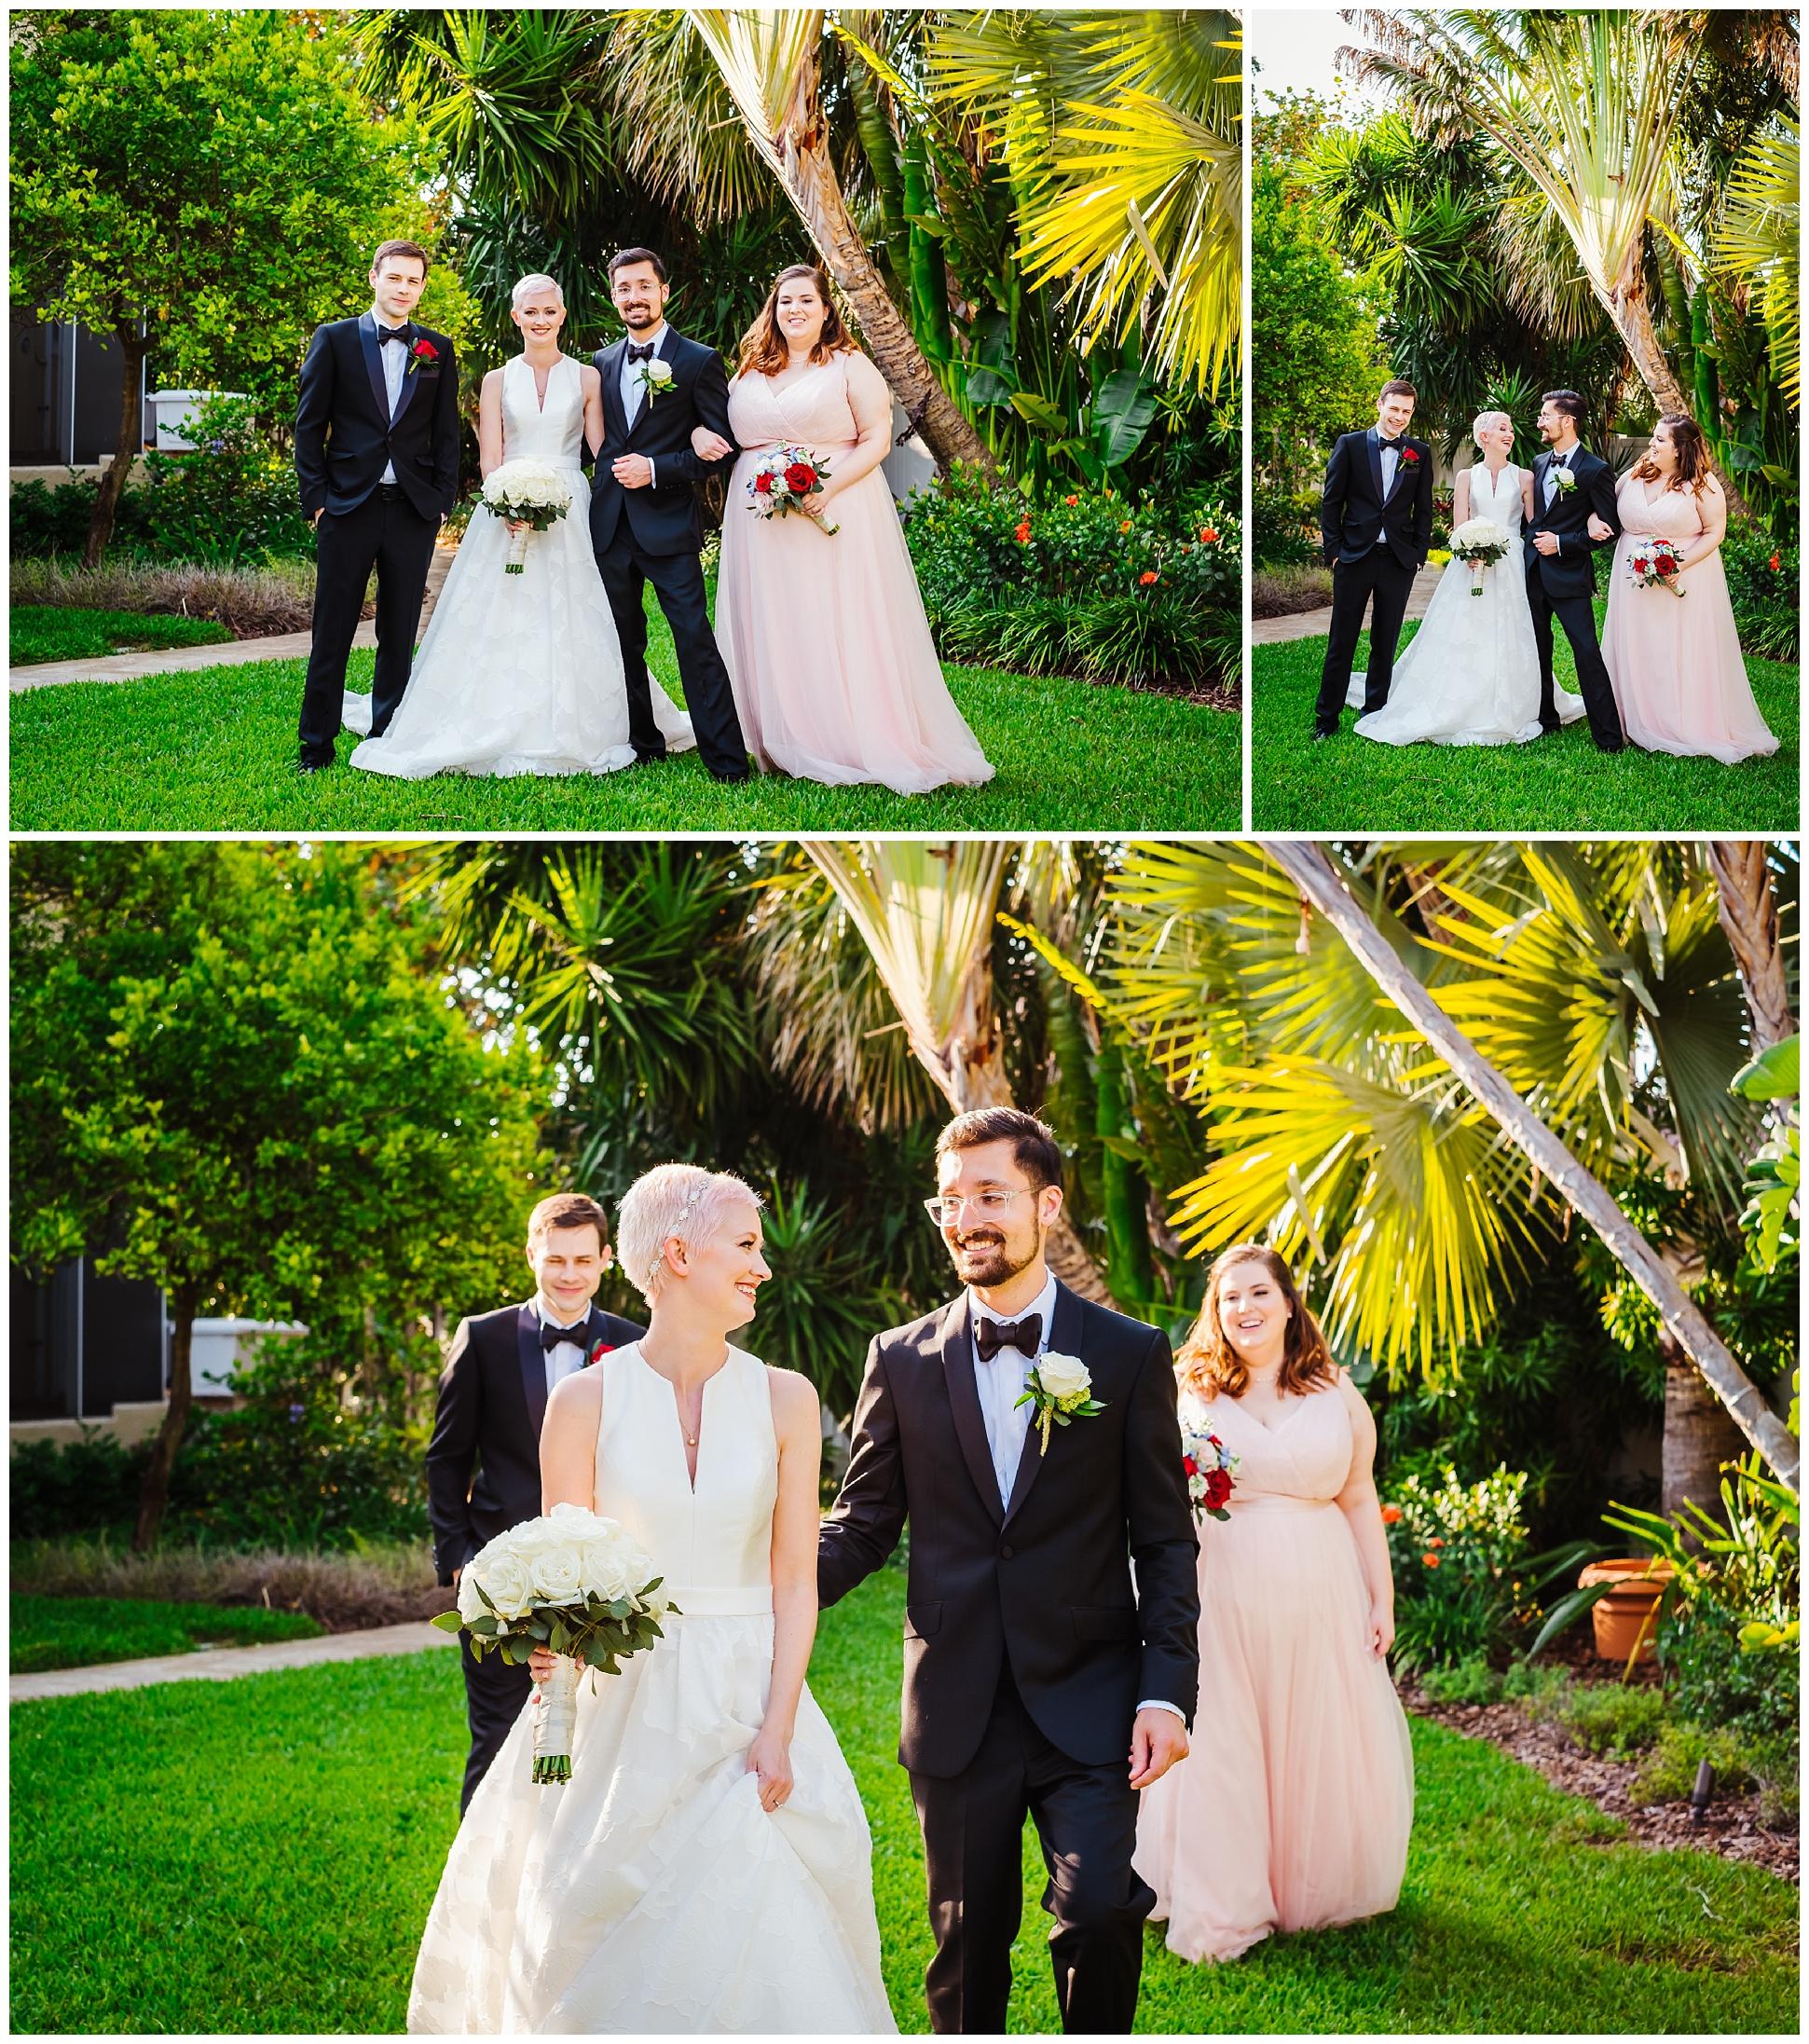 tierra-verde-st-pete-florida-home-luxury-wedding-greenery-pink-pixie-bride_0035.jpg